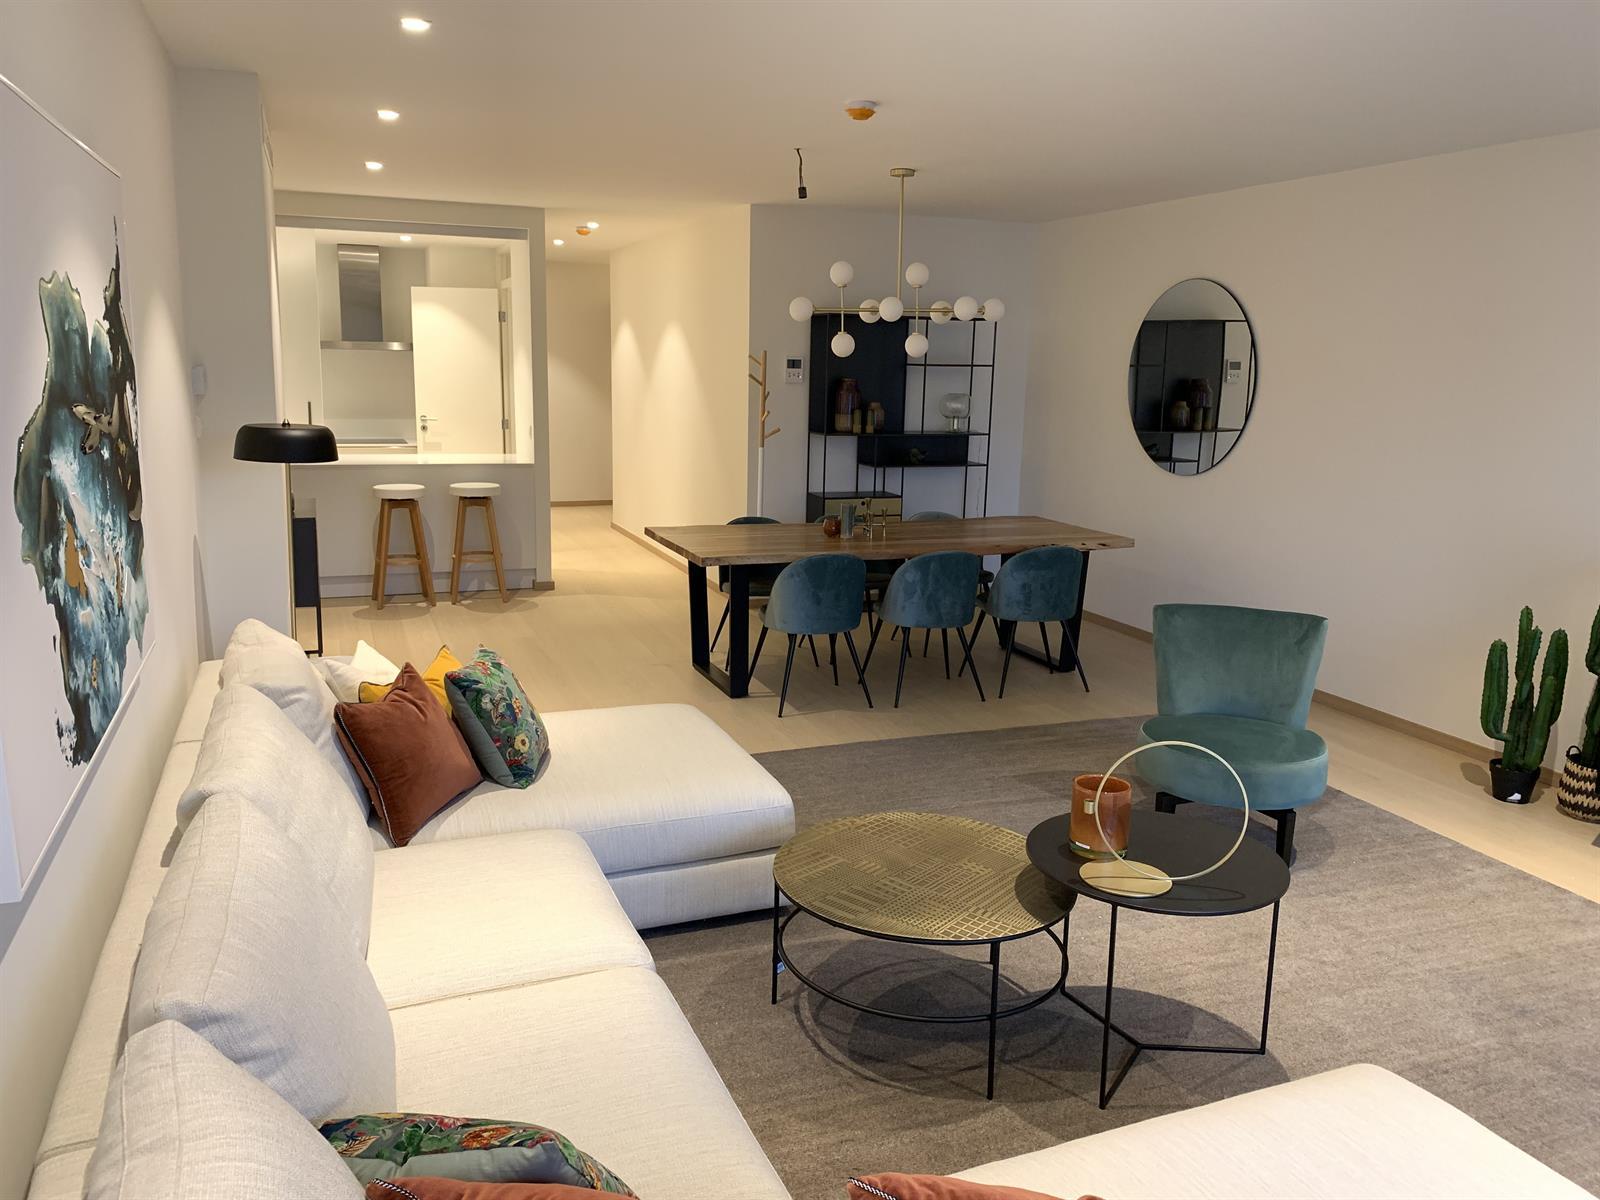 Appartement exceptionnel - Ixelles - #3918748-2